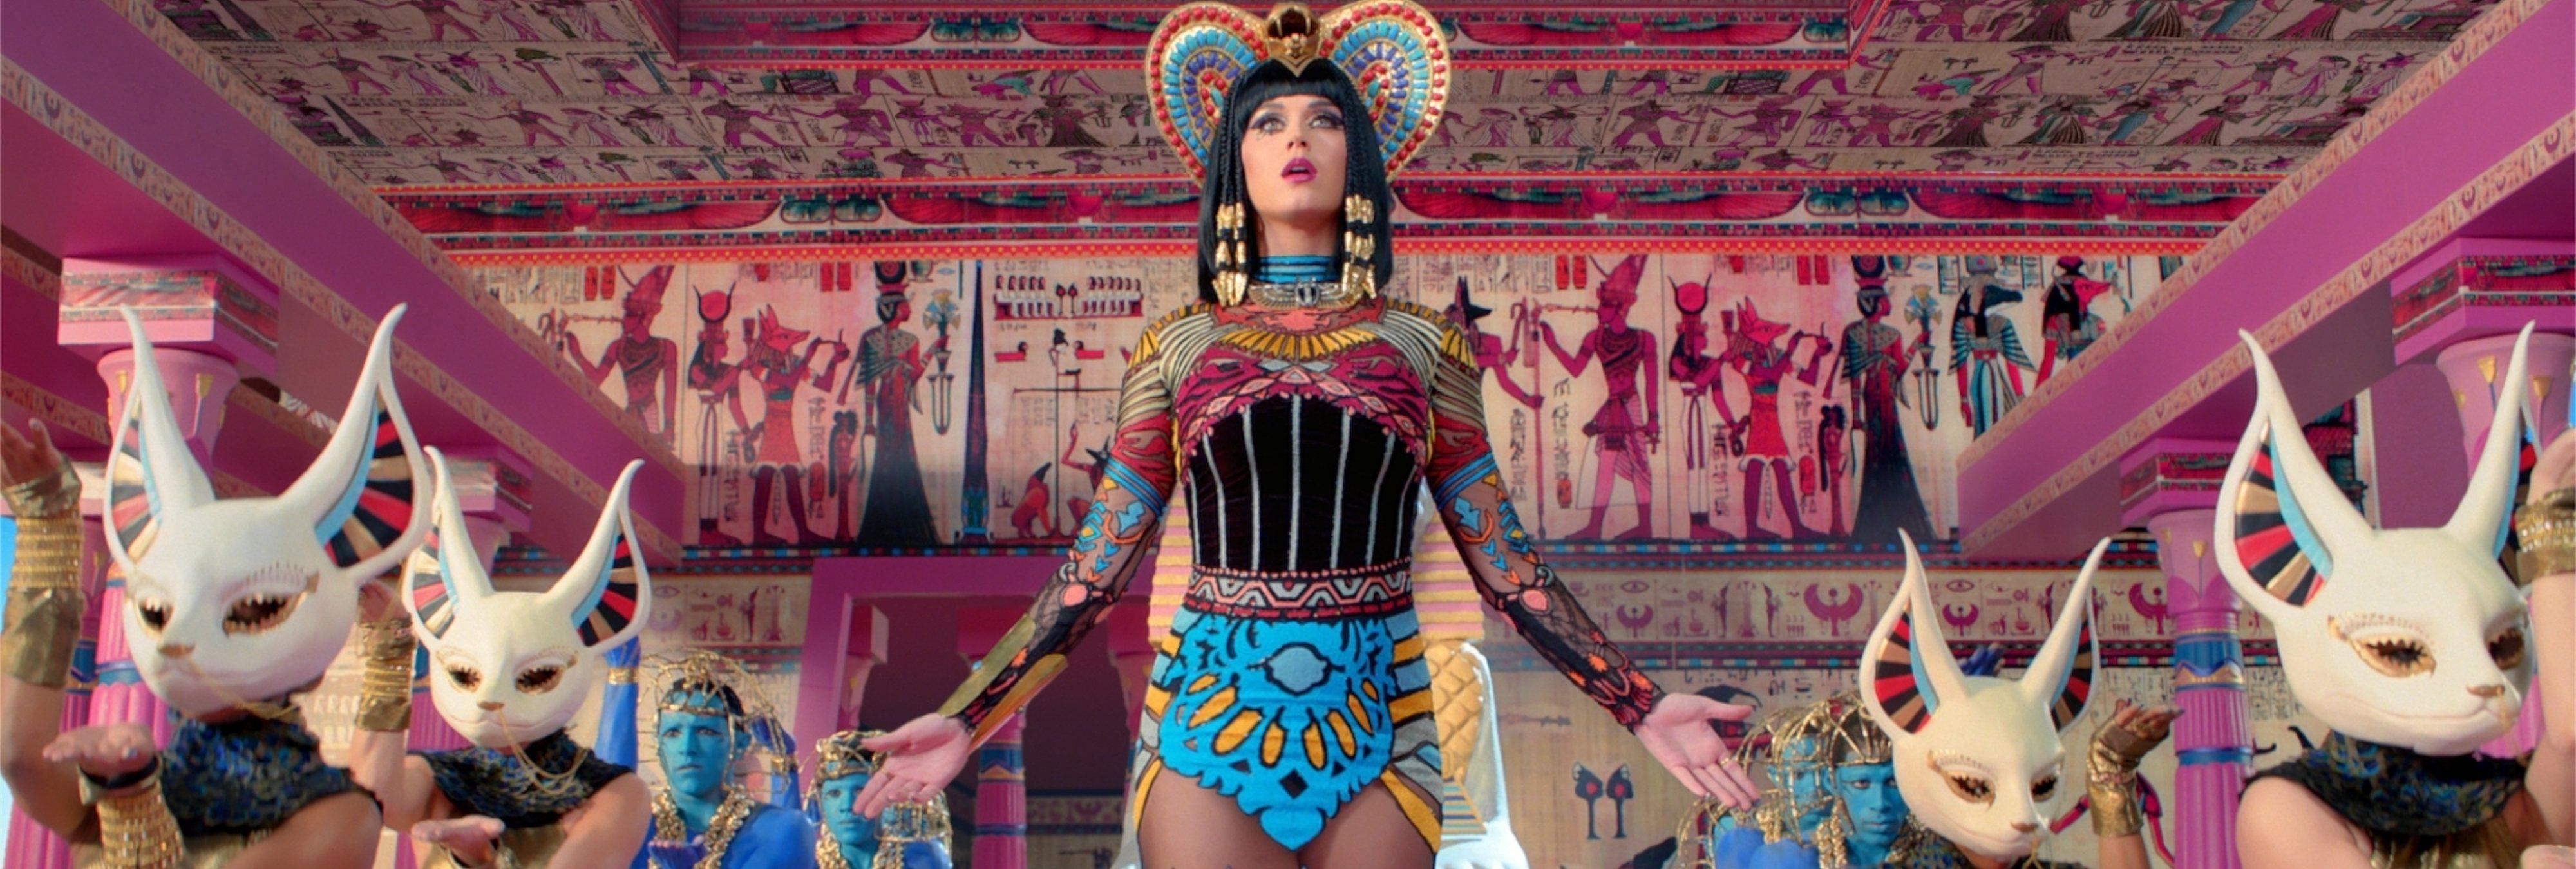 Katy Perry, condenada por plagiar una canción cristiana en 'Dark Horse'